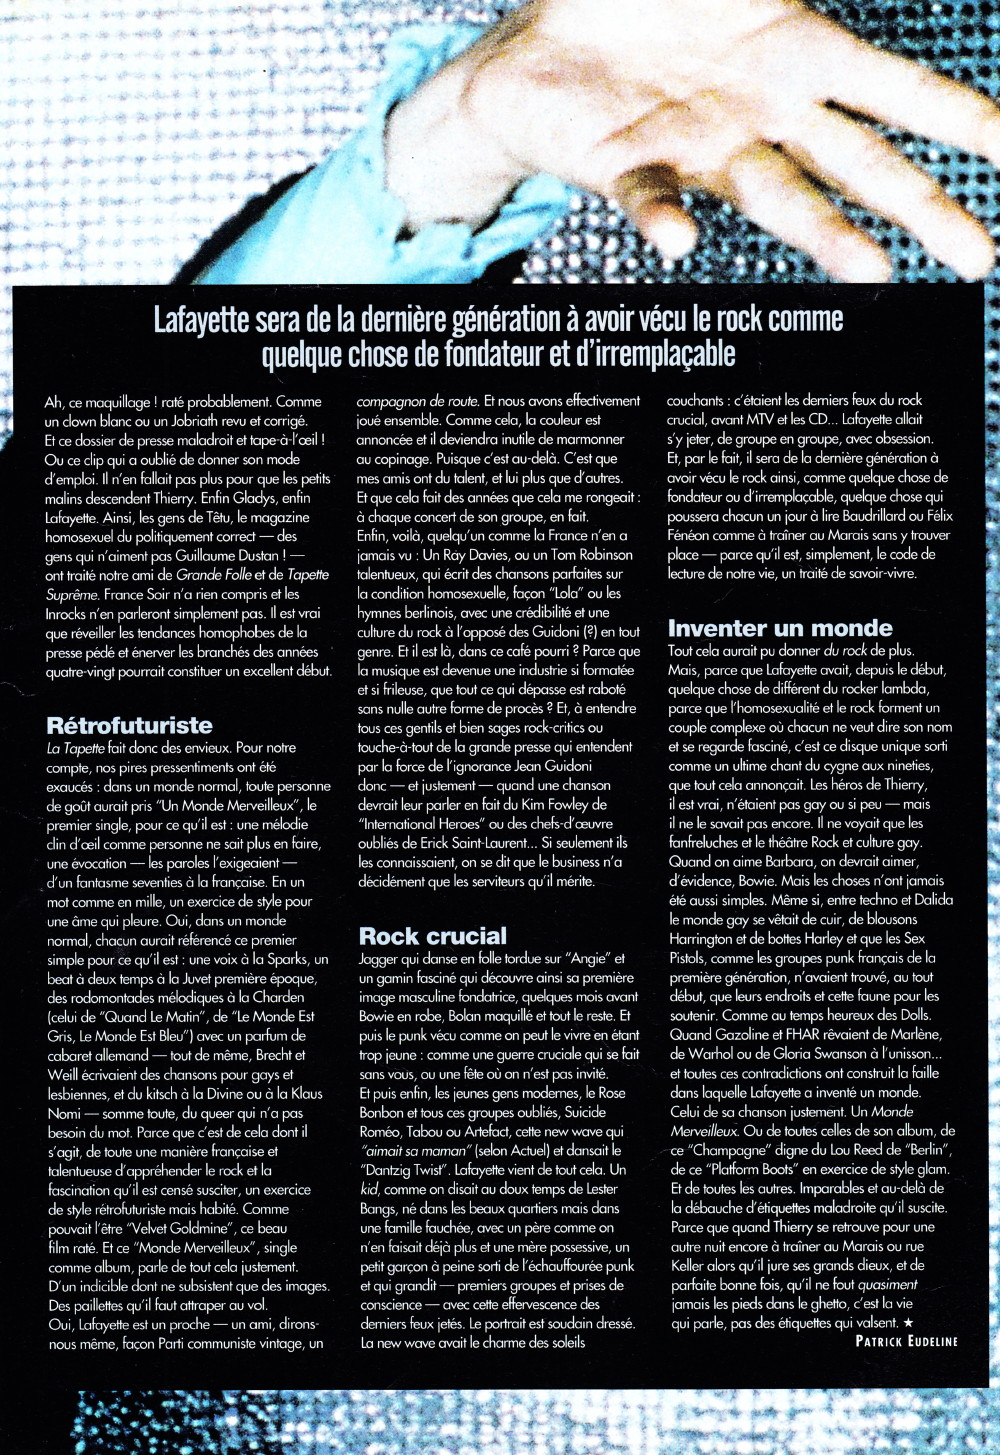 """""""Le monde merveilleux"""" de THIERRY LAFAYETTE par PATRICK EUDELINE 1999 (""""Rock Folk"""") 16102309301920773814577175"""